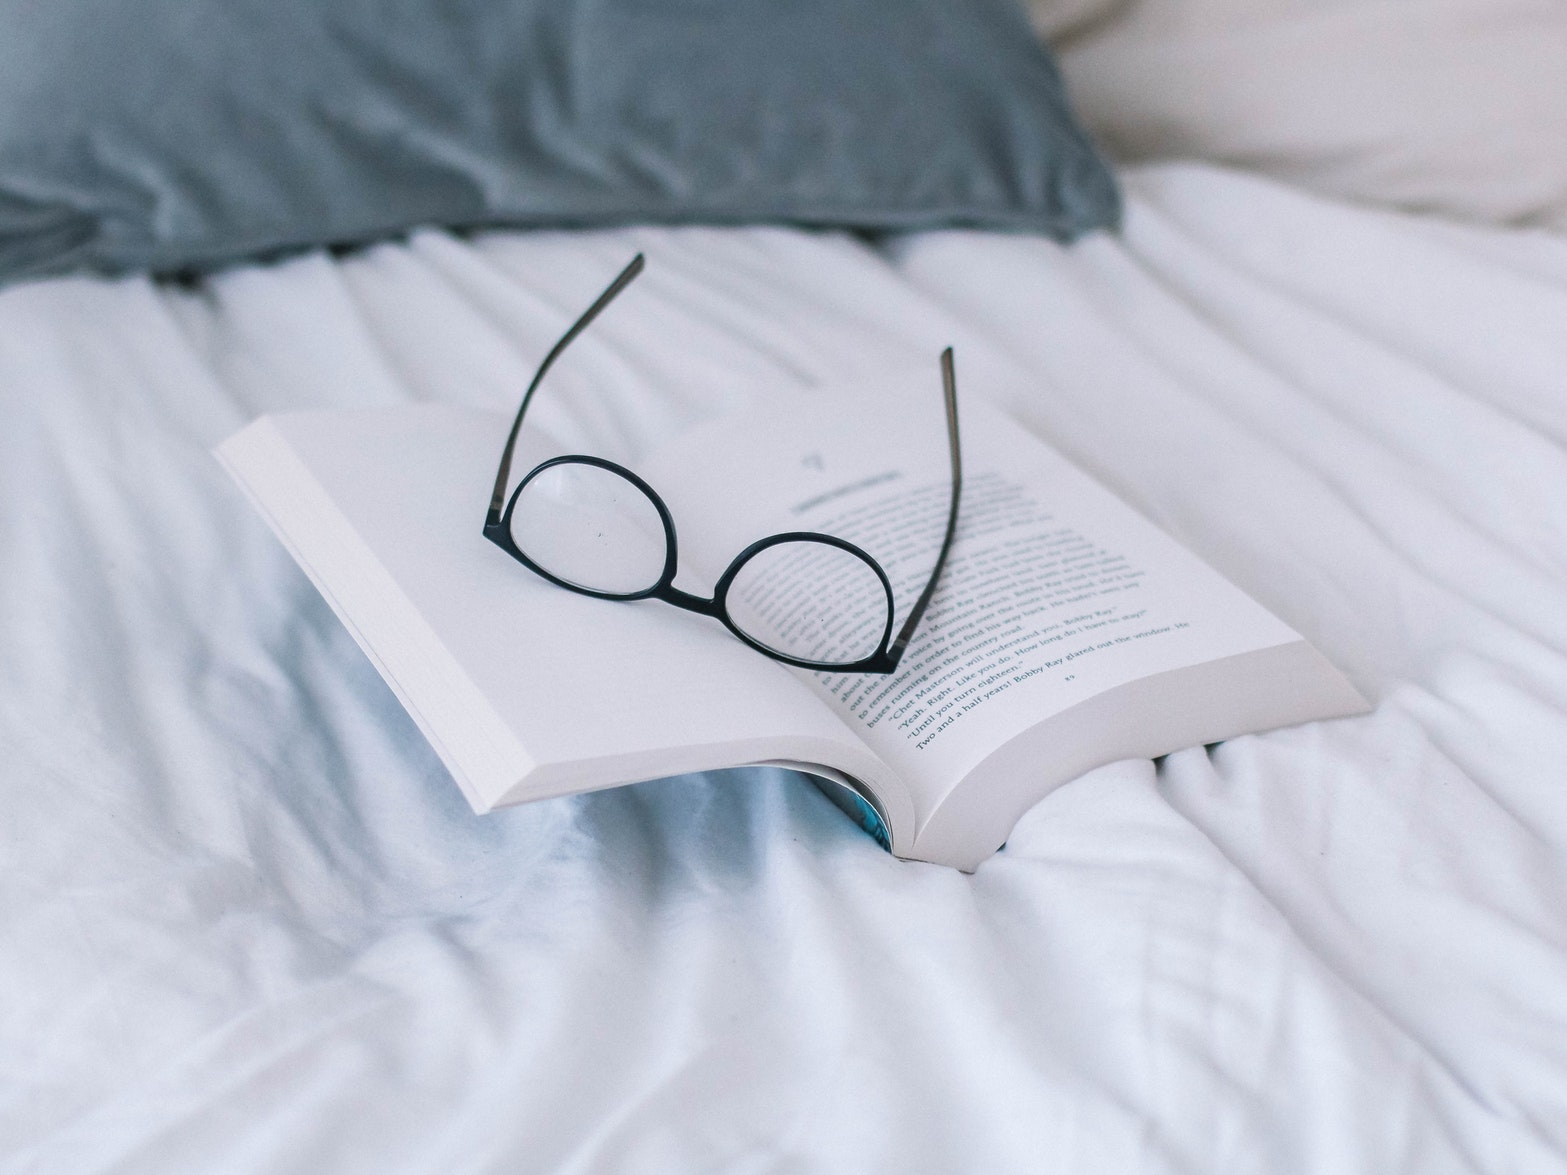 öğrenme ertesi uyku kalıcılığı sağlıyor